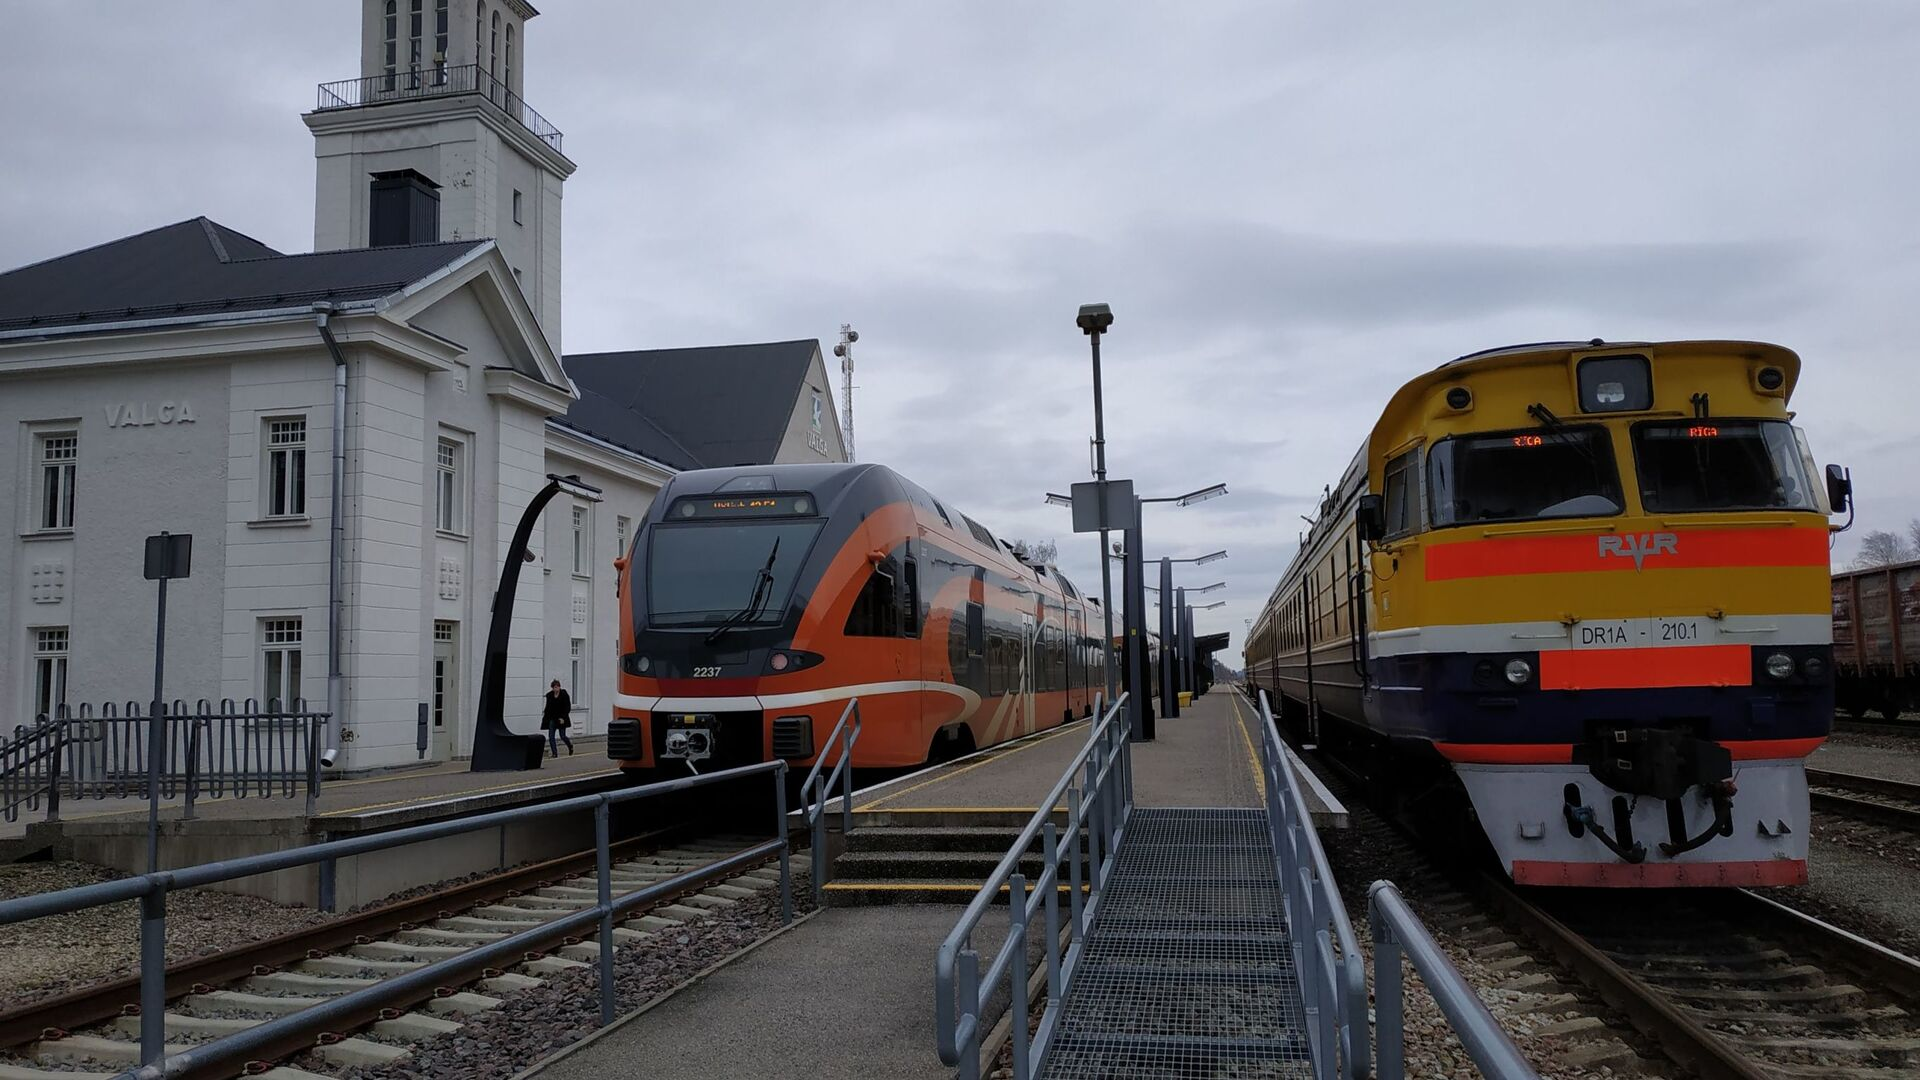 Эстонский дизельный поезд швейцарской компании Stadler (слева) и латвийский дизель производства RVR - Sputnik Latvija, 1920, 23.09.2021